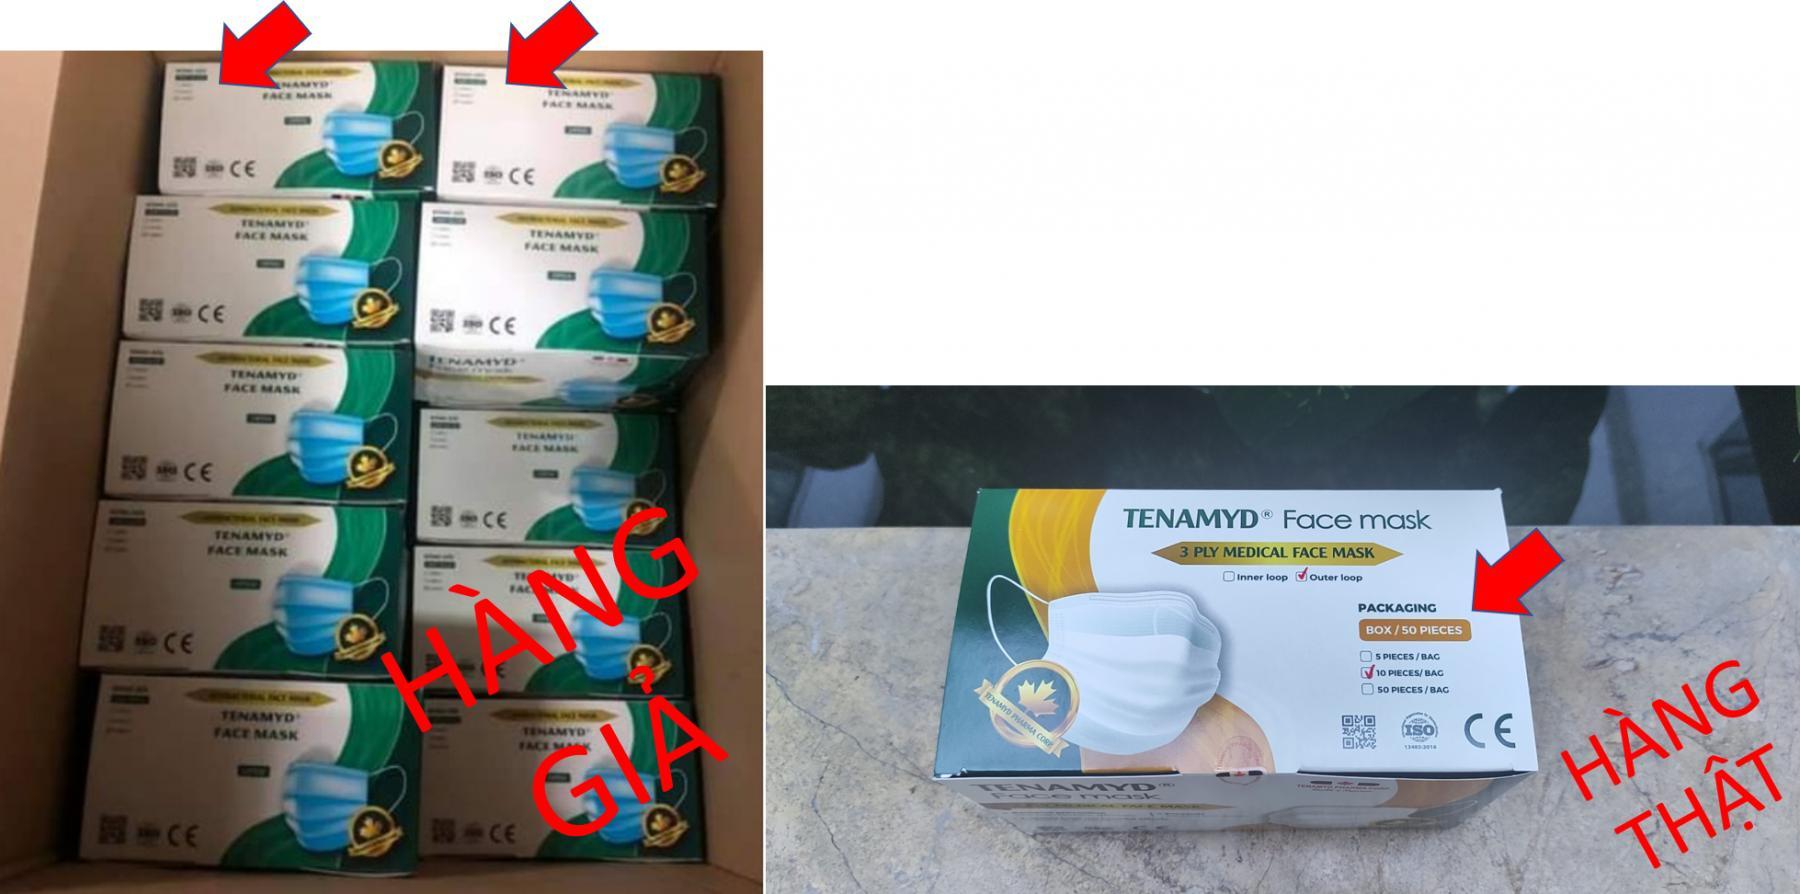 Cách phân biệt khẩu trang TENAMYD thật giả trên thị trường